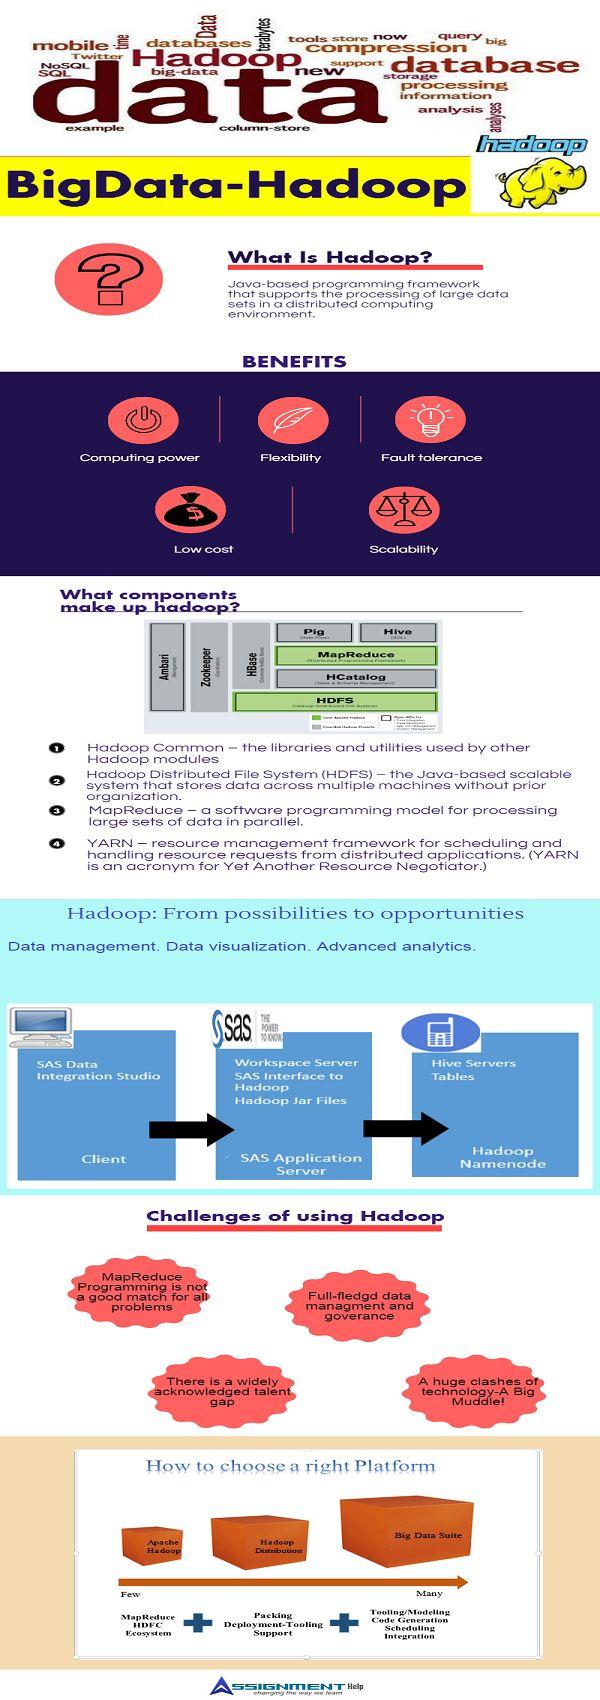 Hadoop Infographics #big-data hadoop infographic #bigdata infographic #hadoop infographic